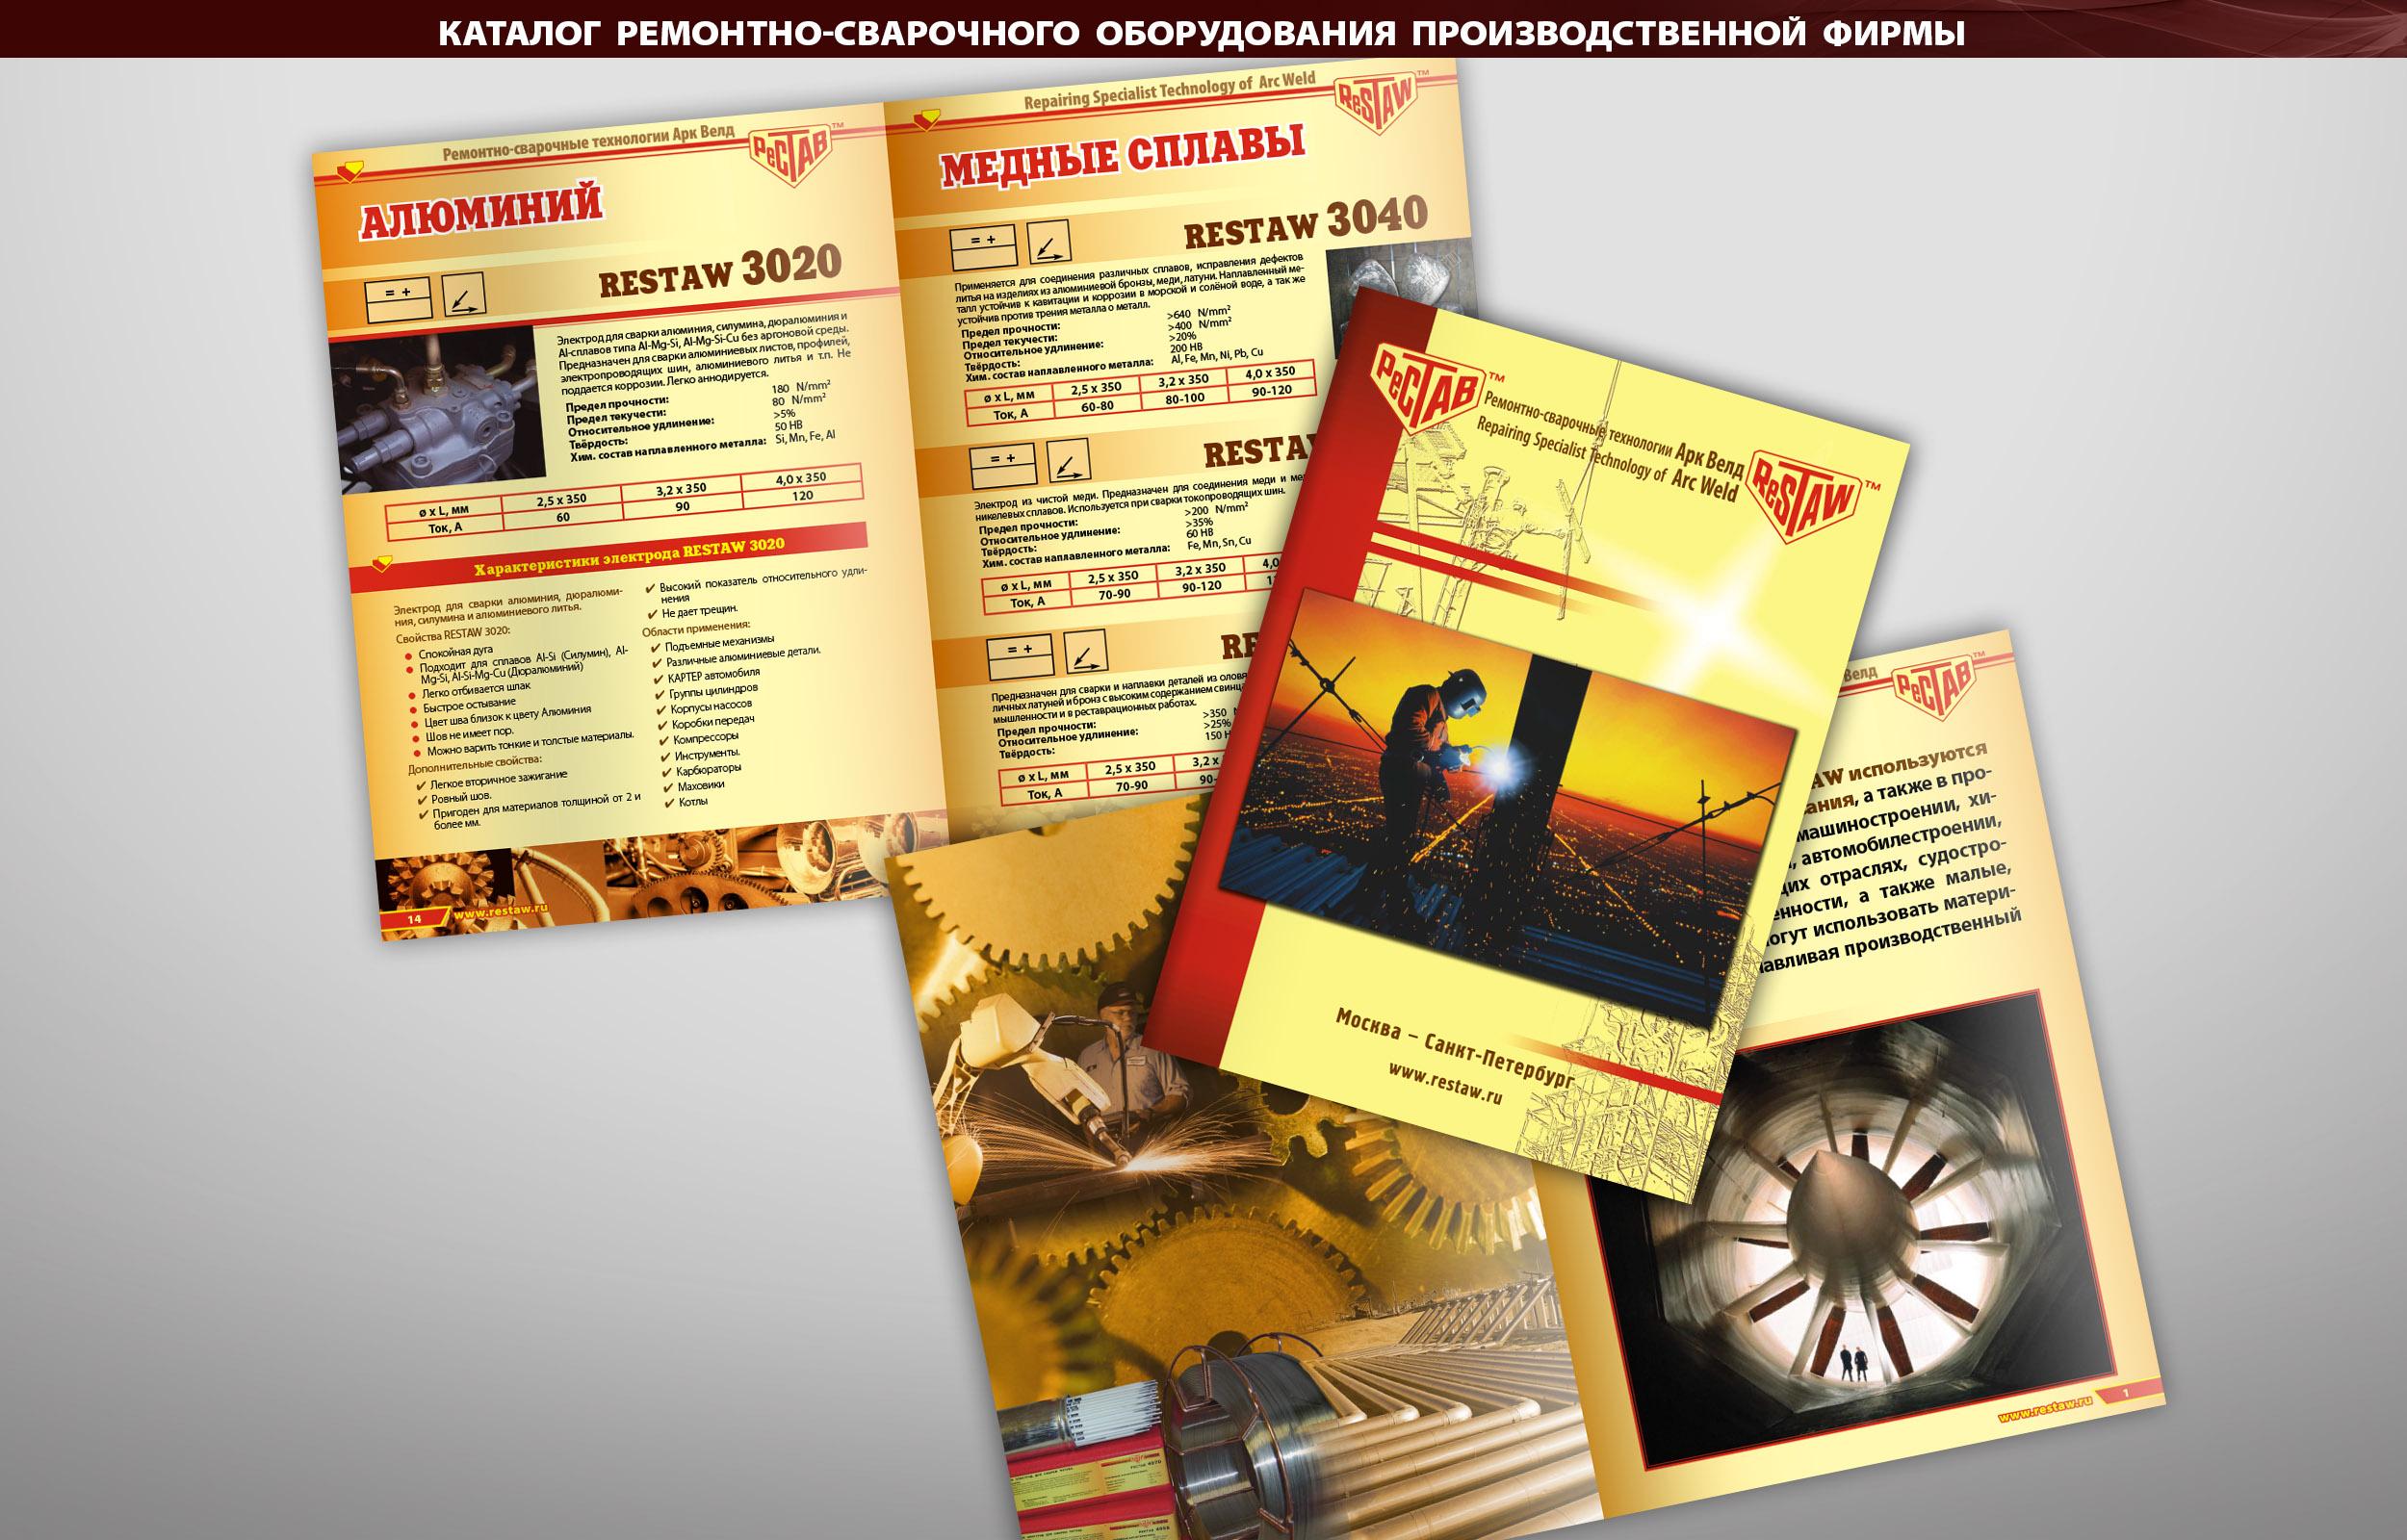 Каталог ремонтно-сварочного оборудования производственной фирмы